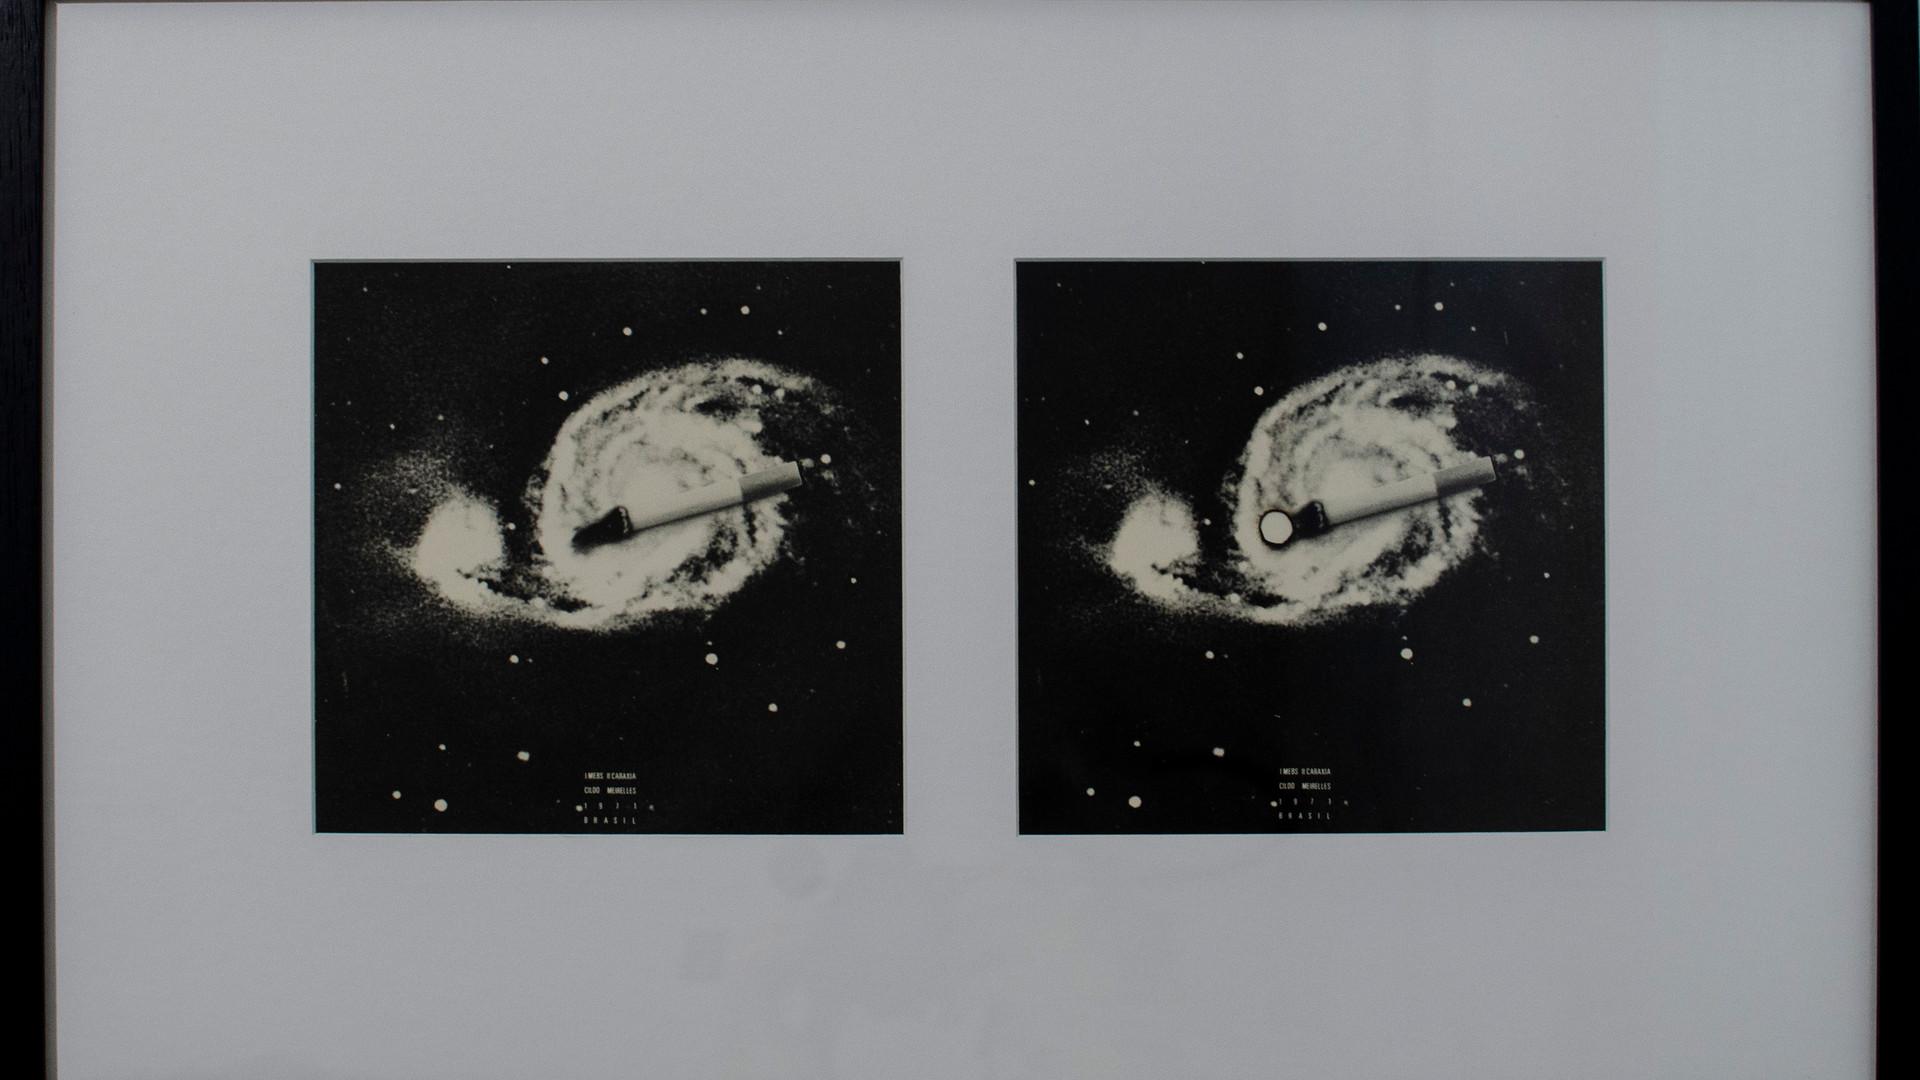 CILDO MEIRELES Mebs - Caraxia | 1970-1971 Disco compacto em vinil com capa em offset sobre papel 18 x 18 cm (cada) Acervo do artista